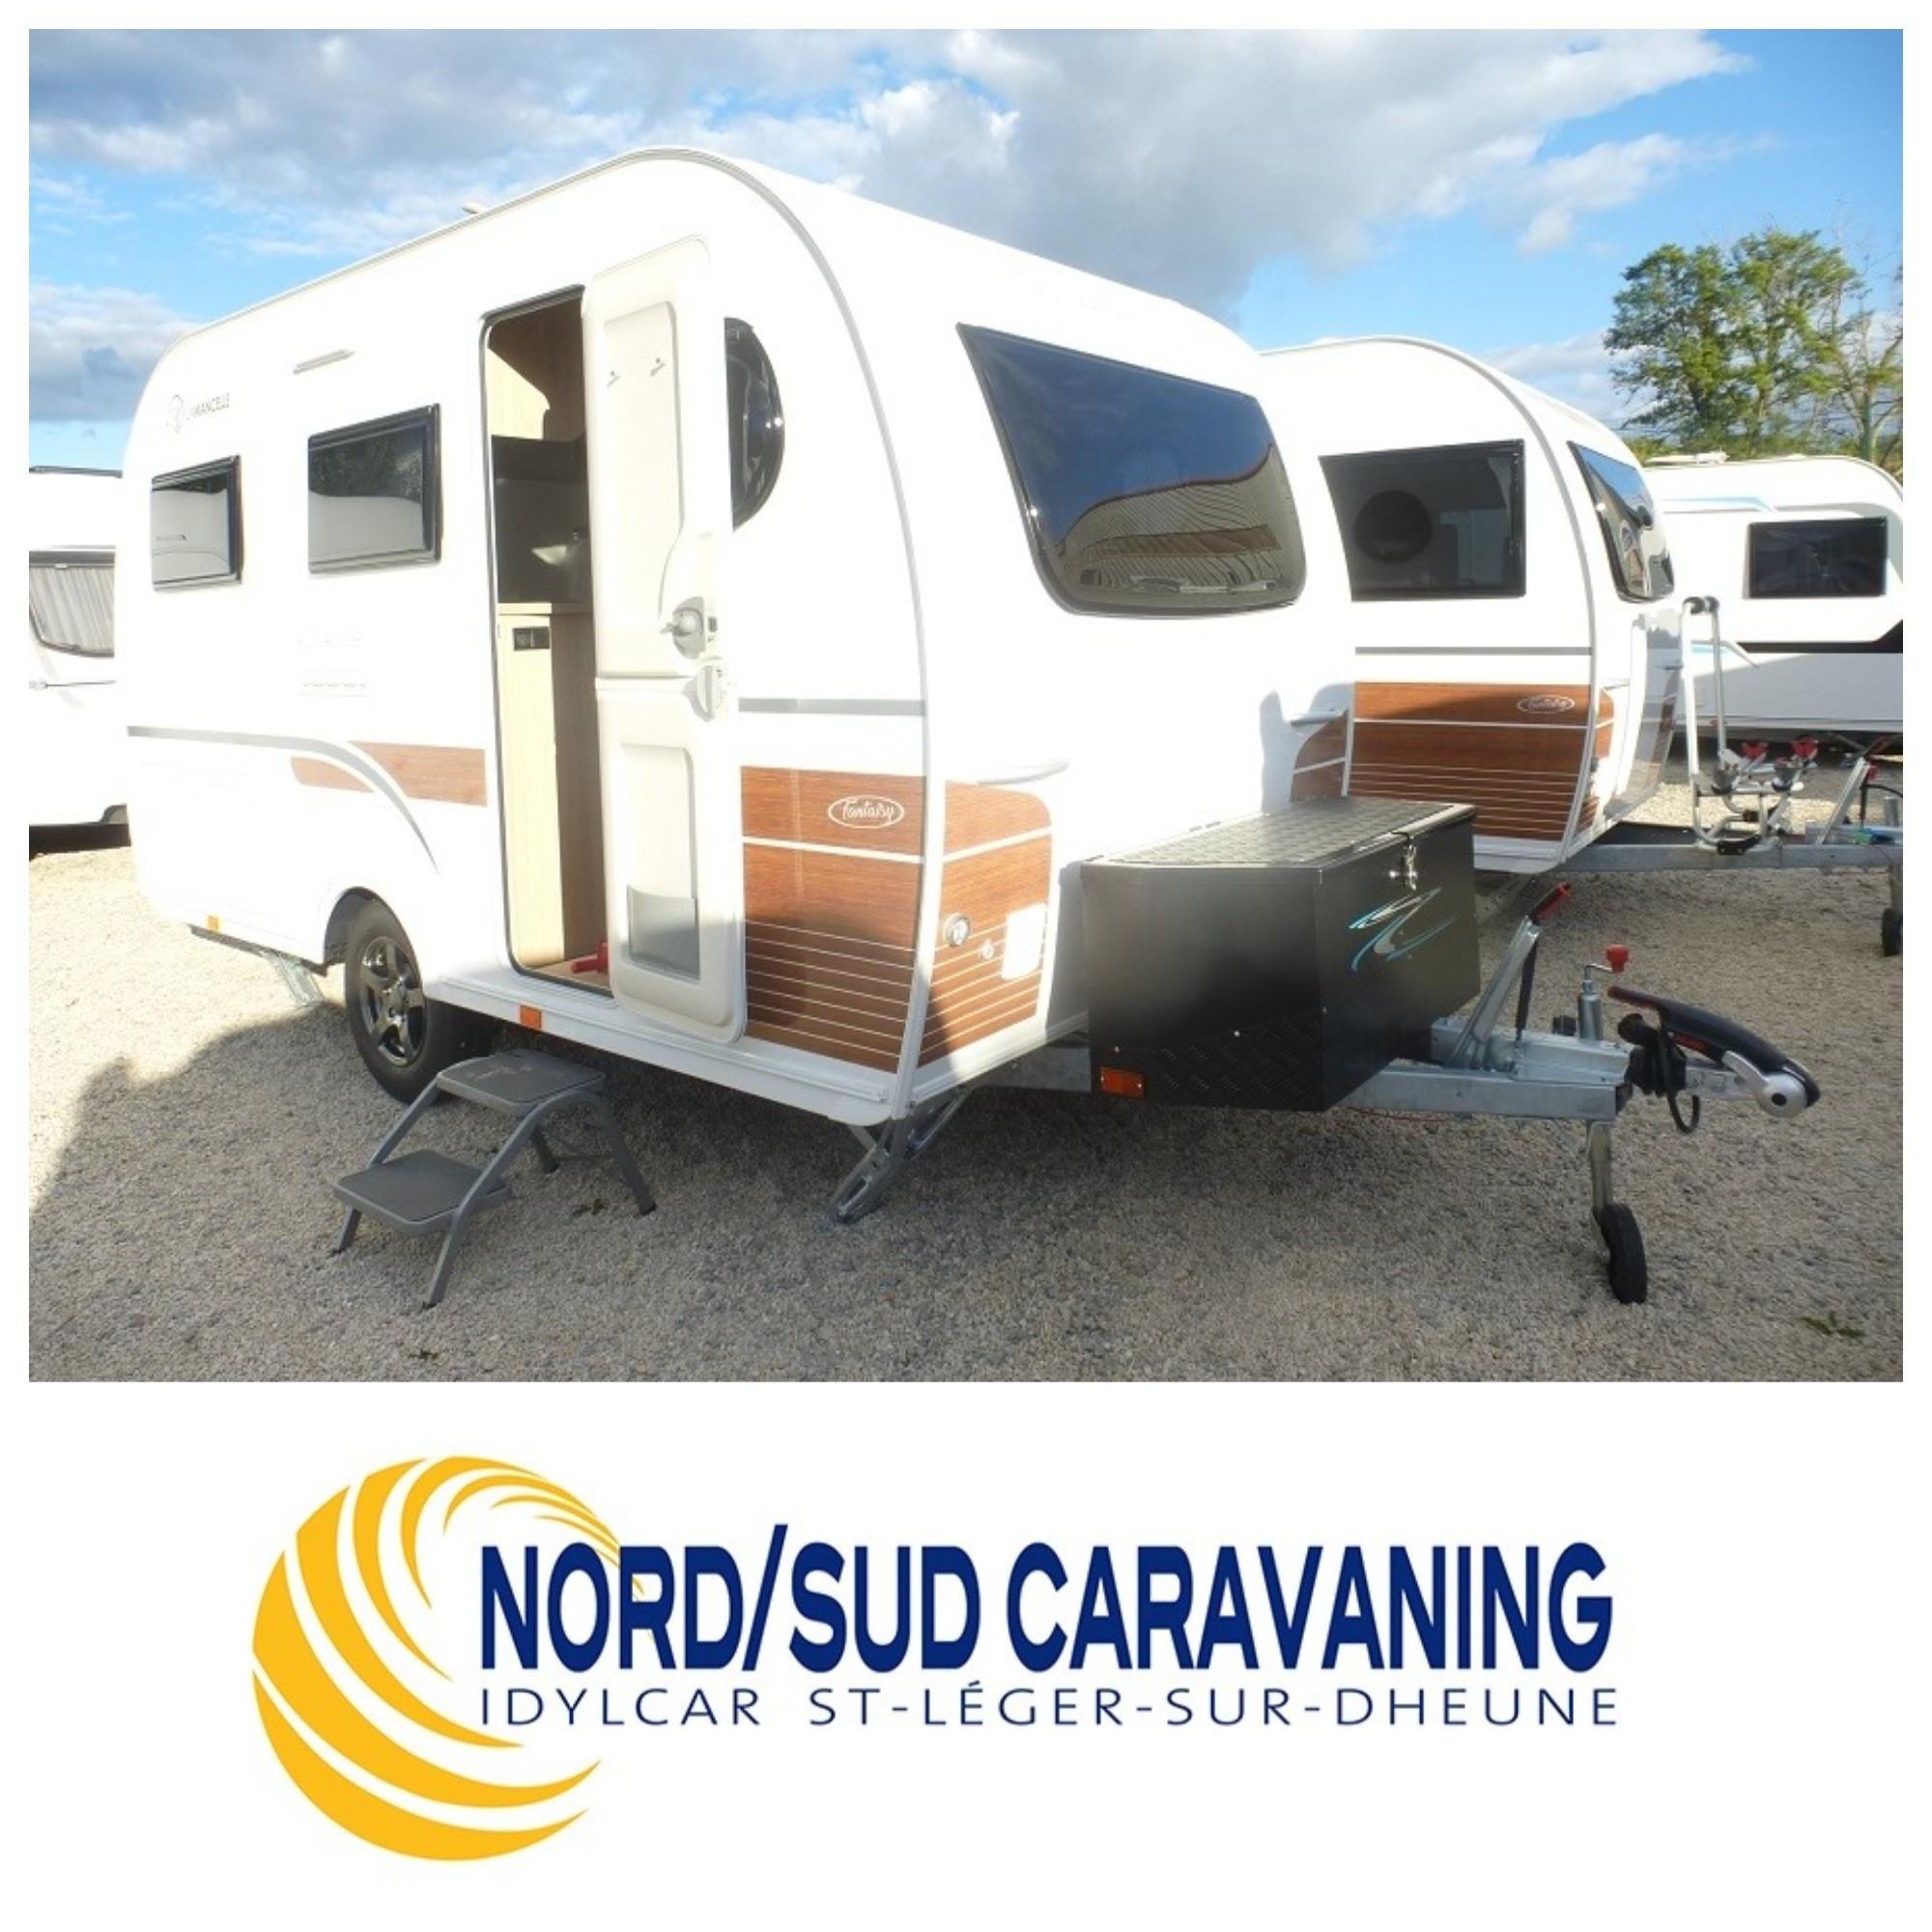 Camping-car LA MANCELLE FANTAISY 360 Ultra compacte, toute équipée